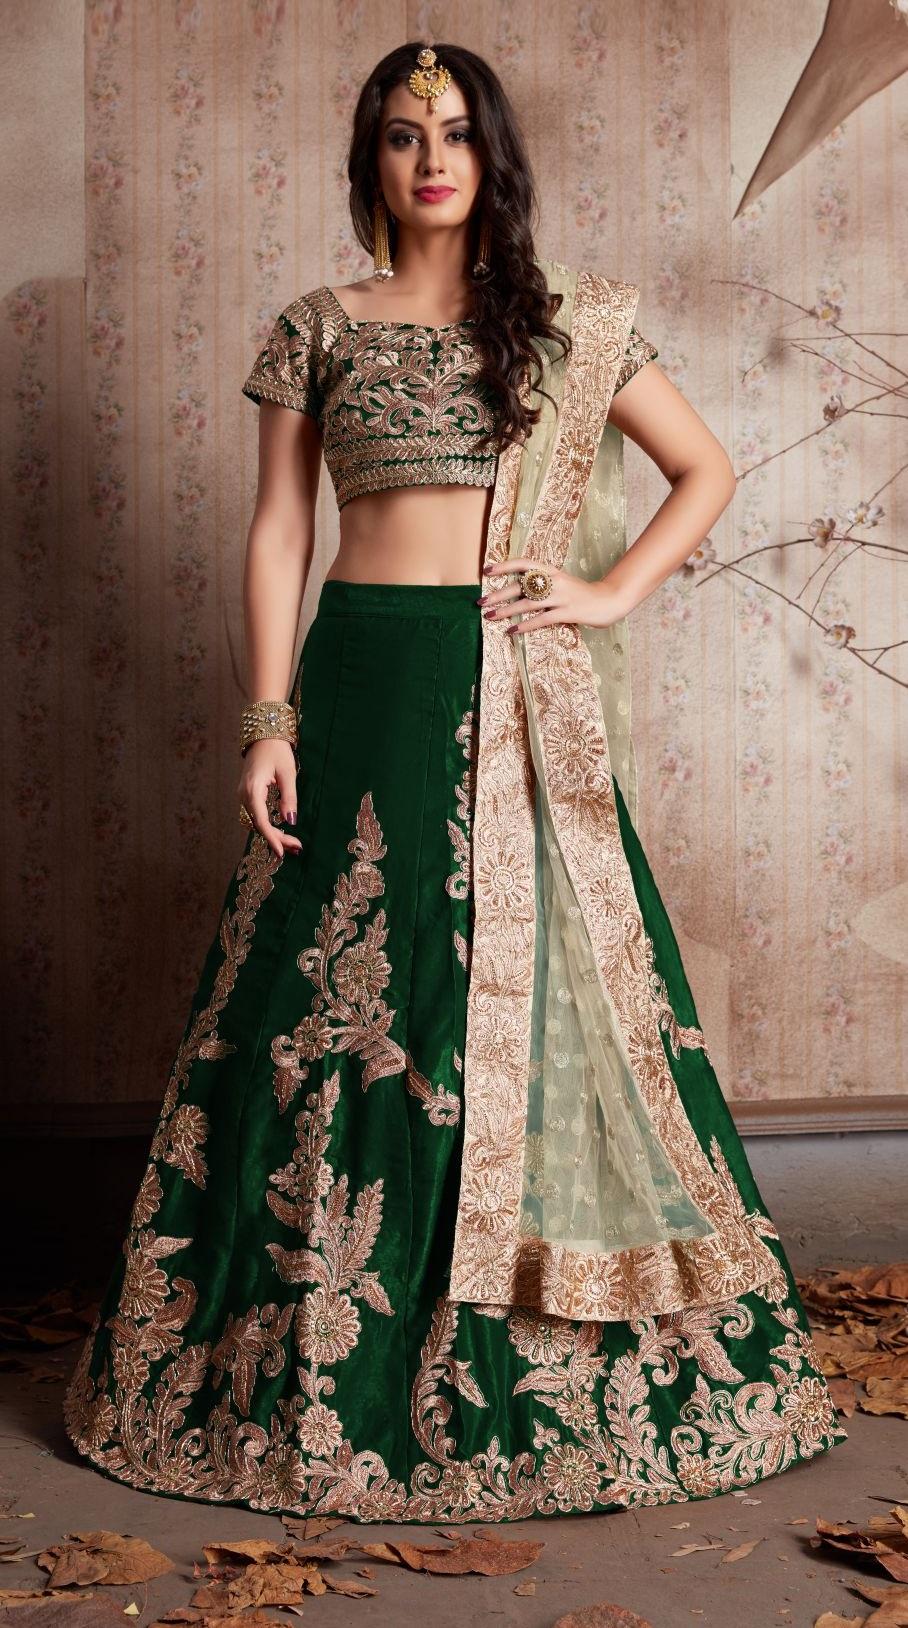 6024462cd26 Indian Dress Green Color Bridal Lehenga 603